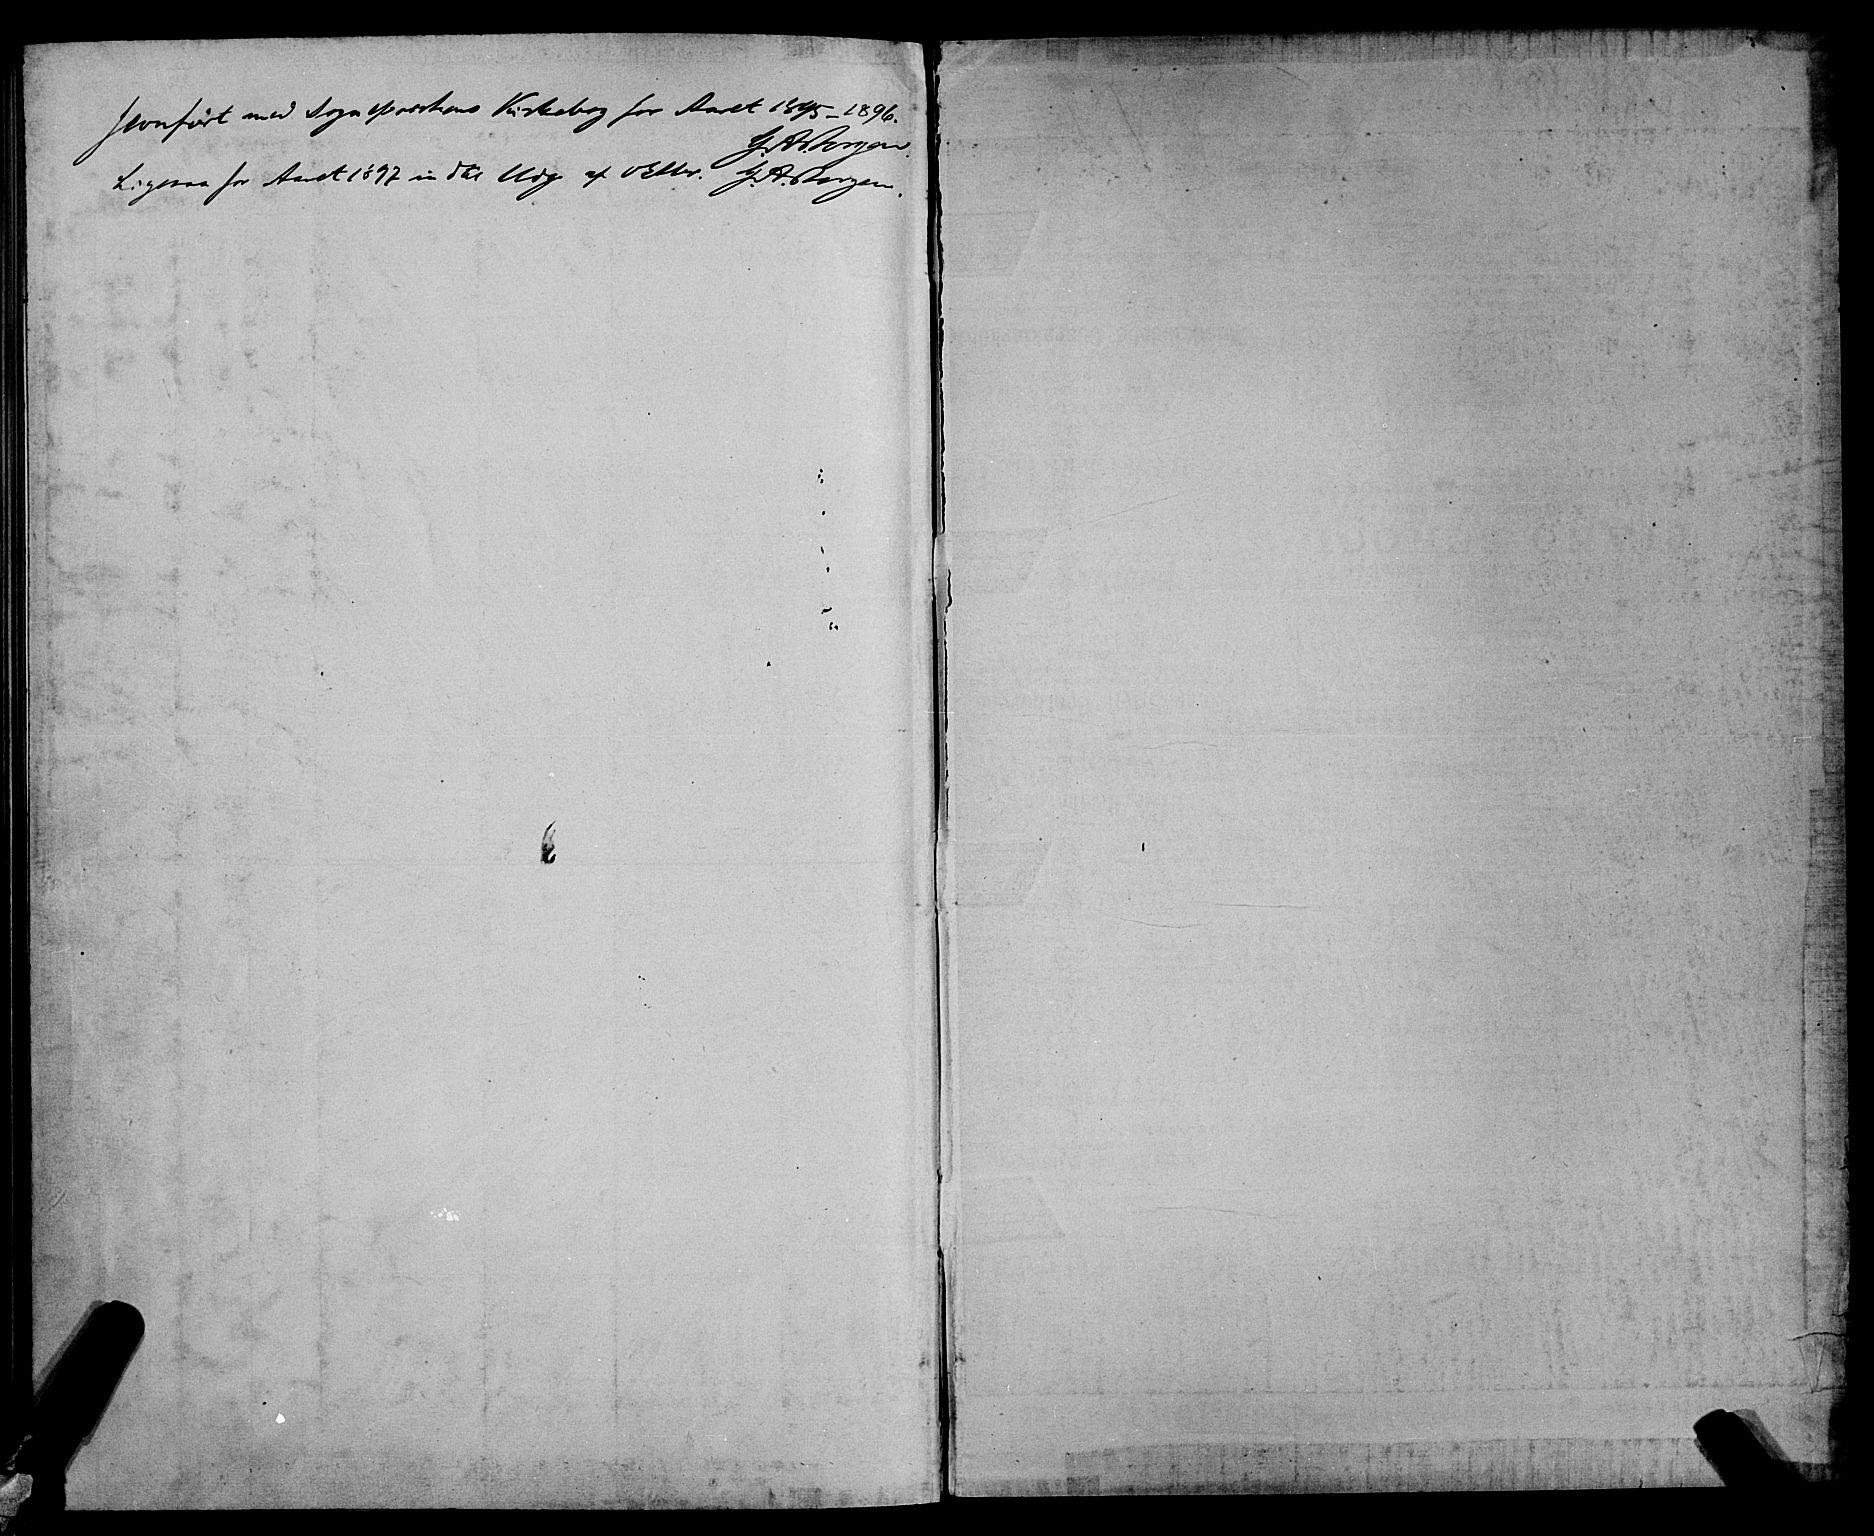 SAT, Ministerialprotokoller, klokkerbøker og fødselsregistre - Sør-Trøndelag, 604/L0224: Klokkerbok nr. 604C07, 1894-1898